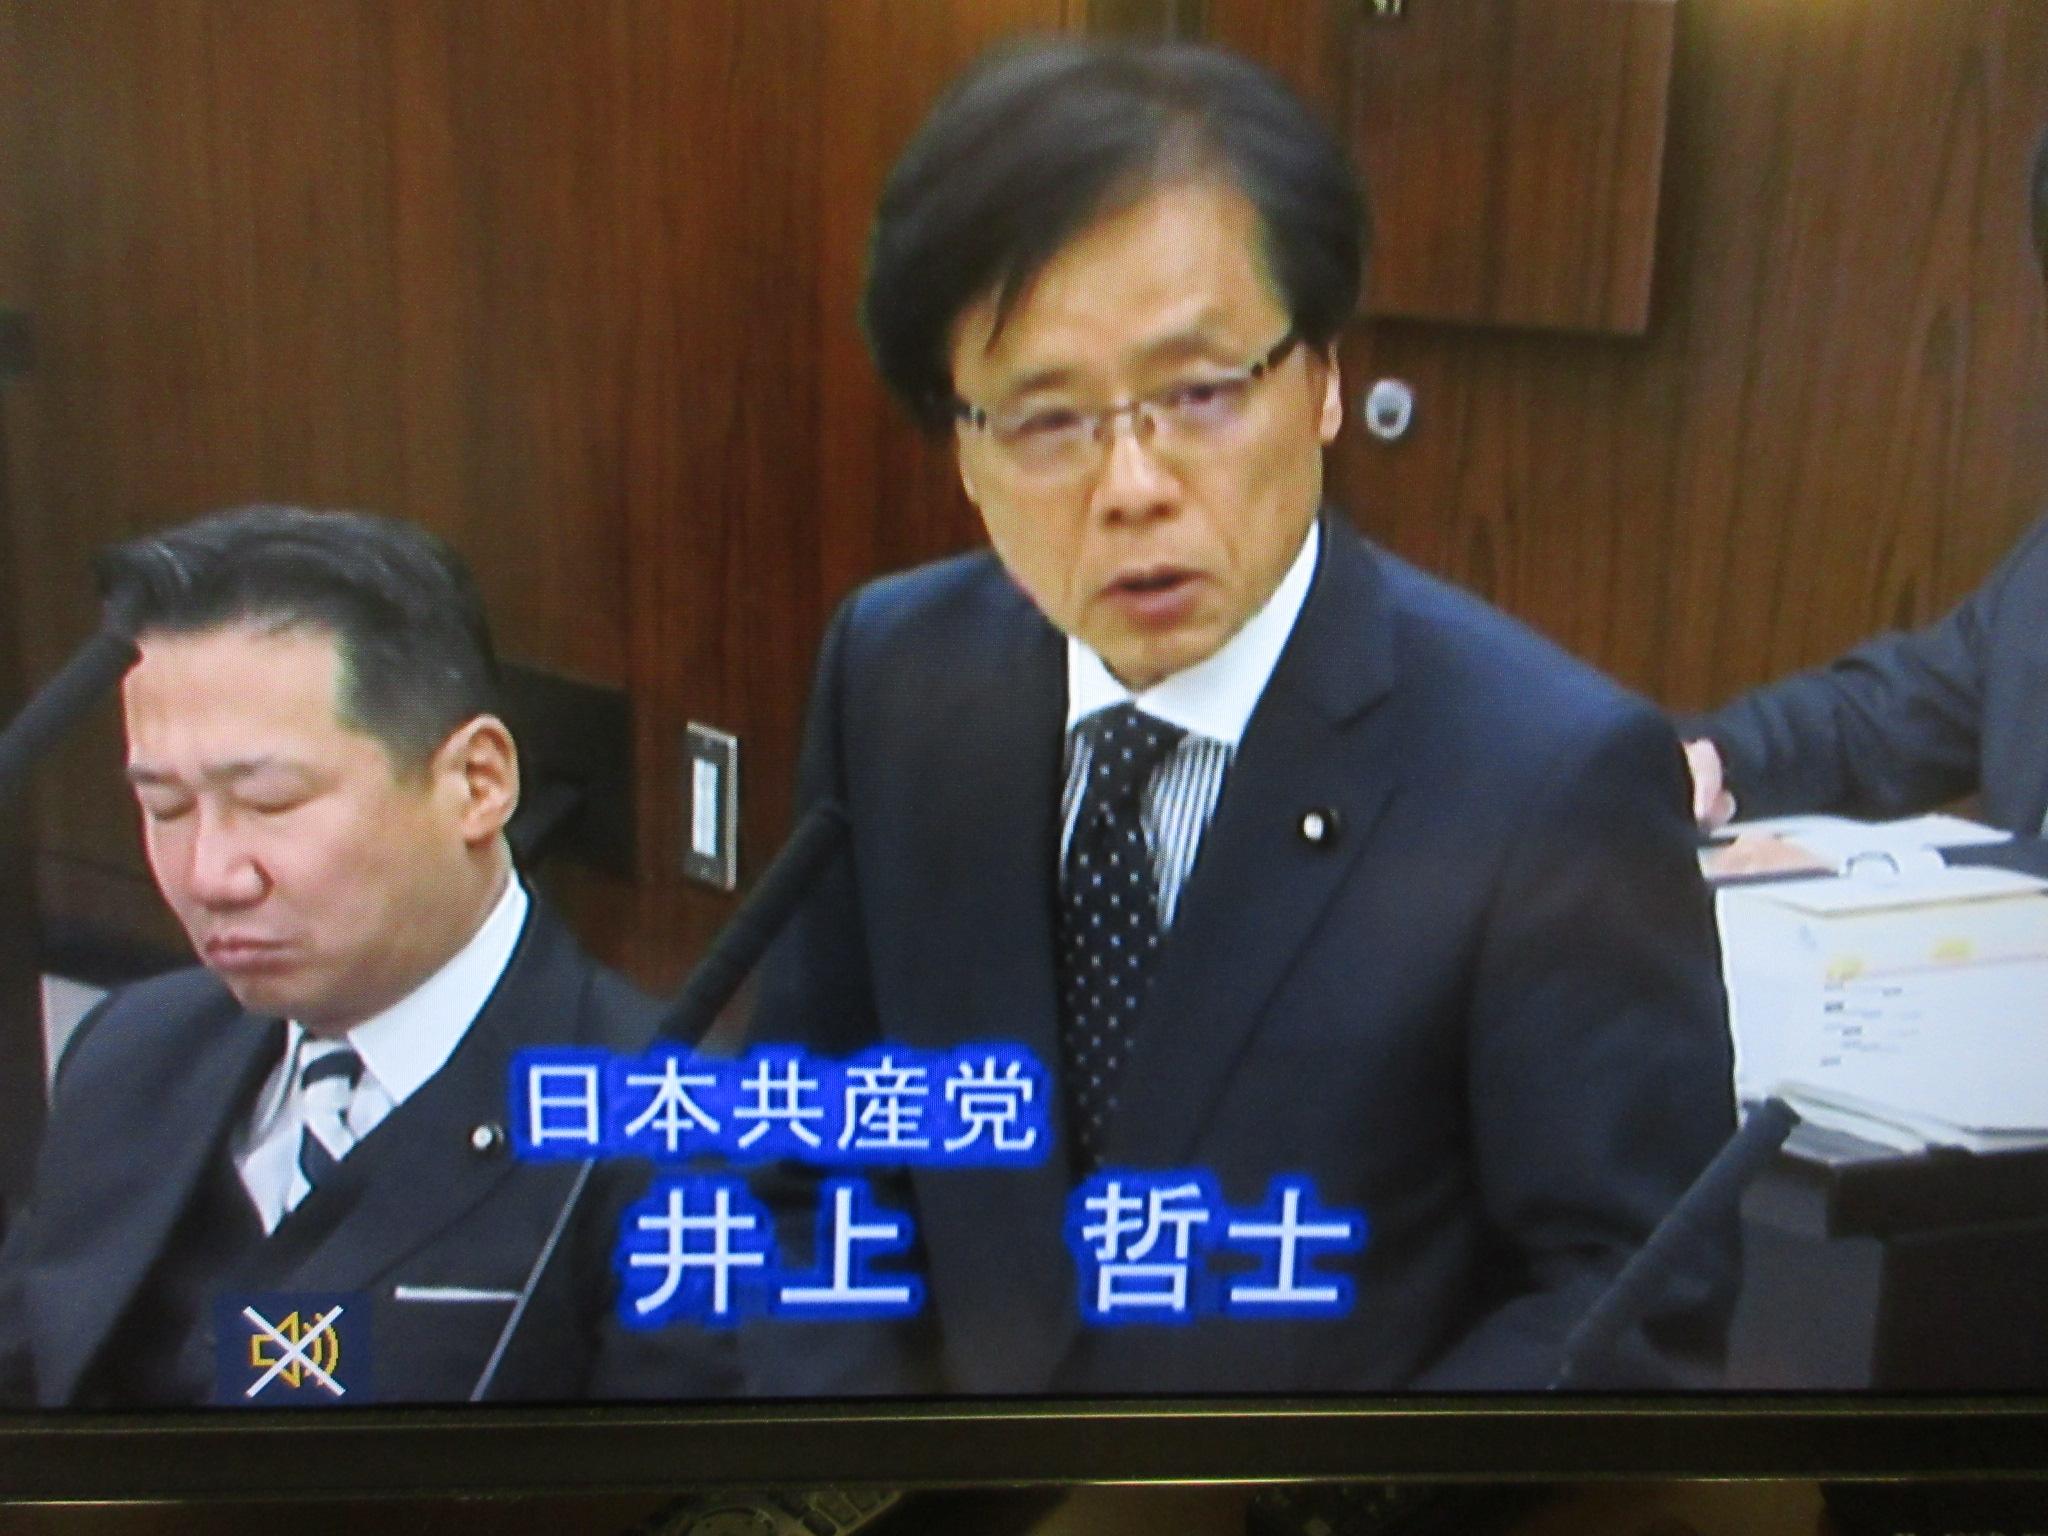 http://www.inoue-satoshi.com/diary/IMG_7166.JPG